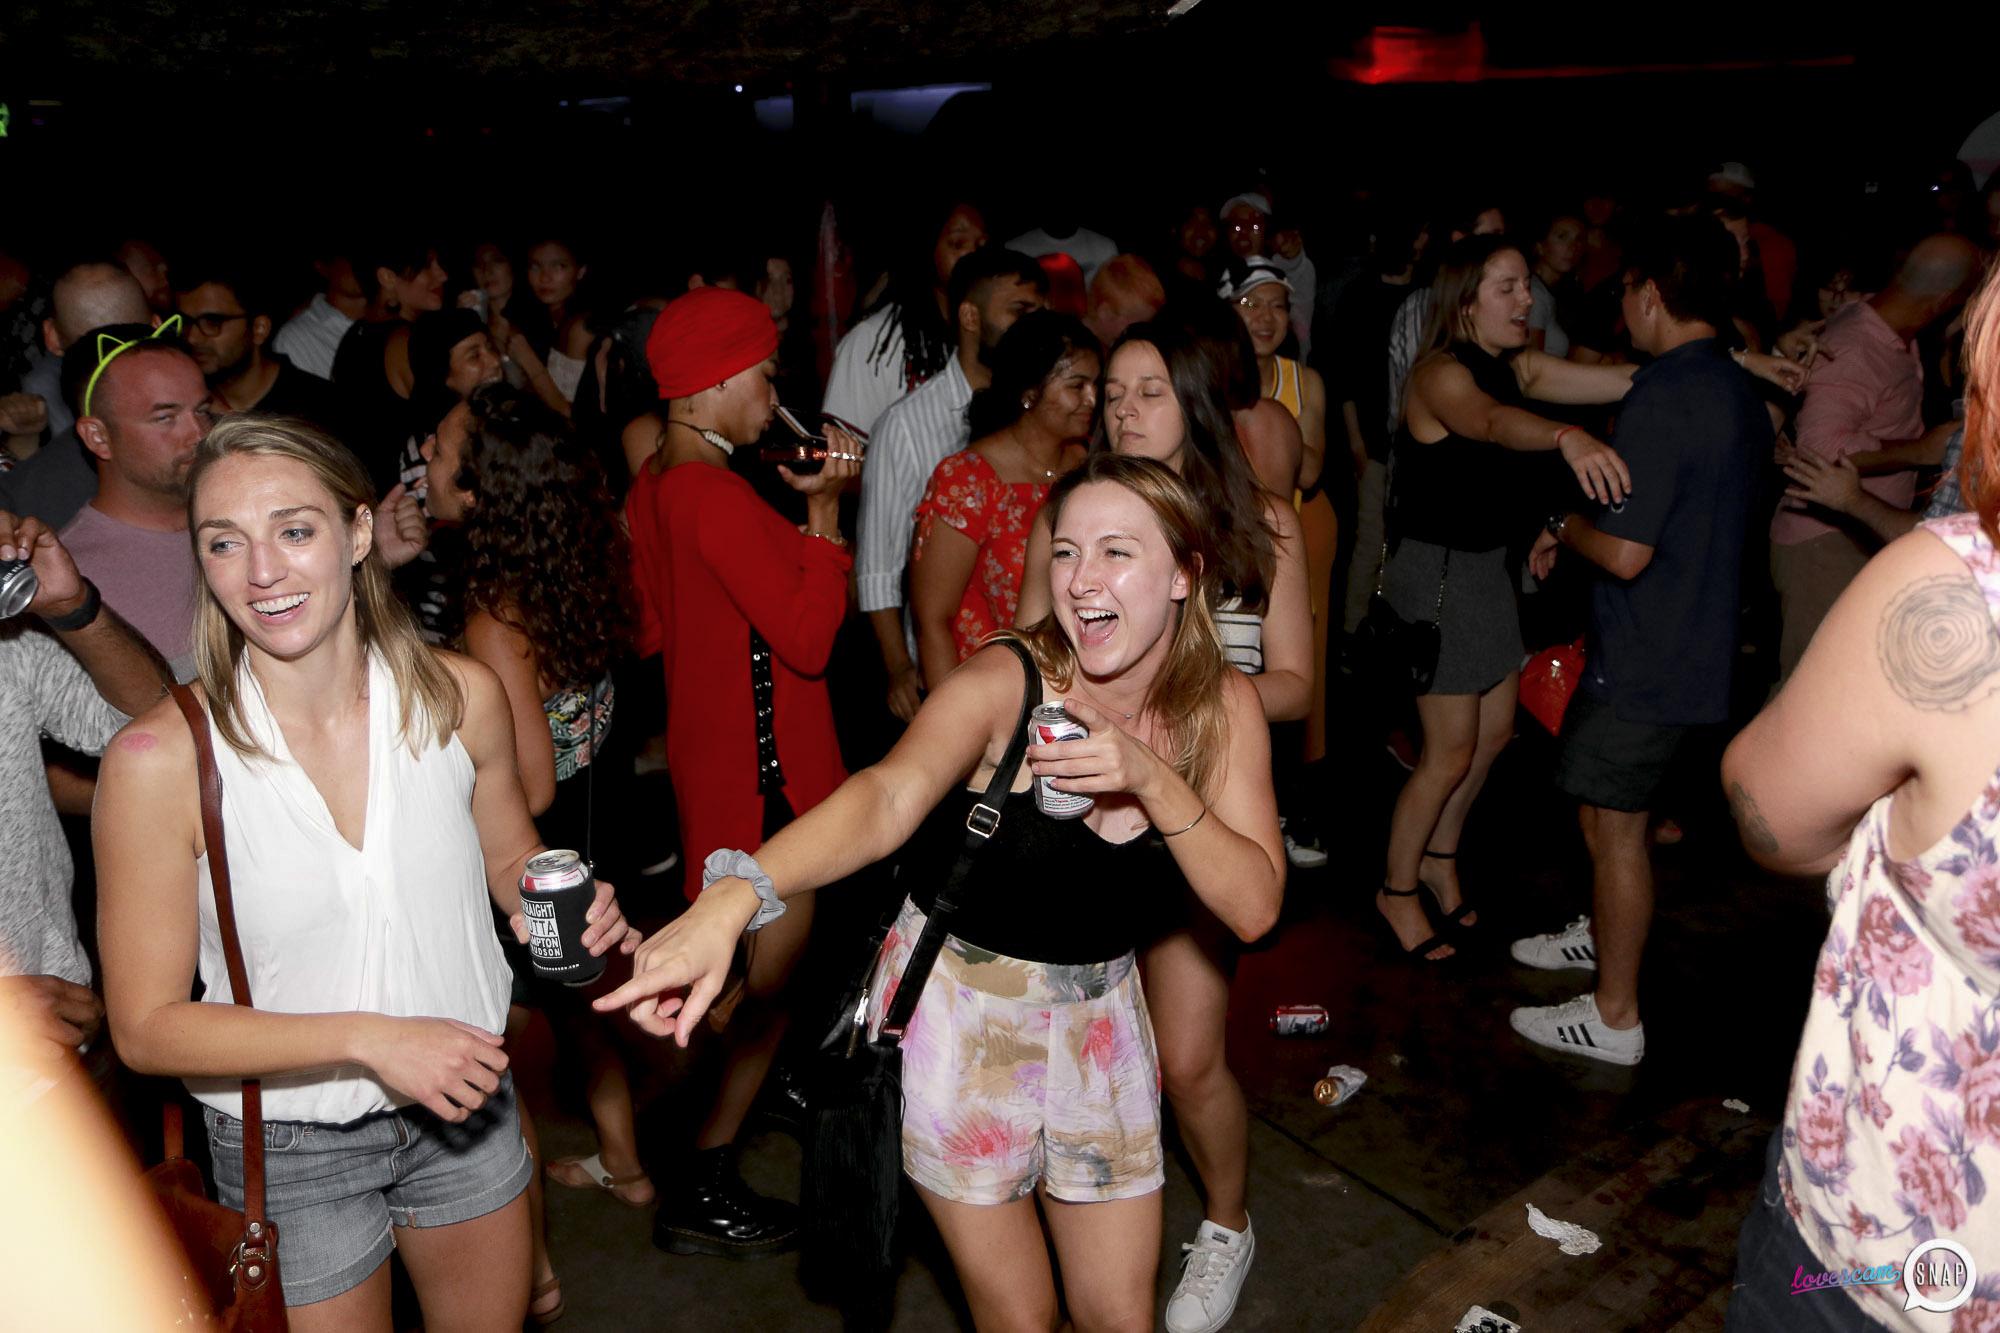 Lovescam-07.20.19-120.jpg